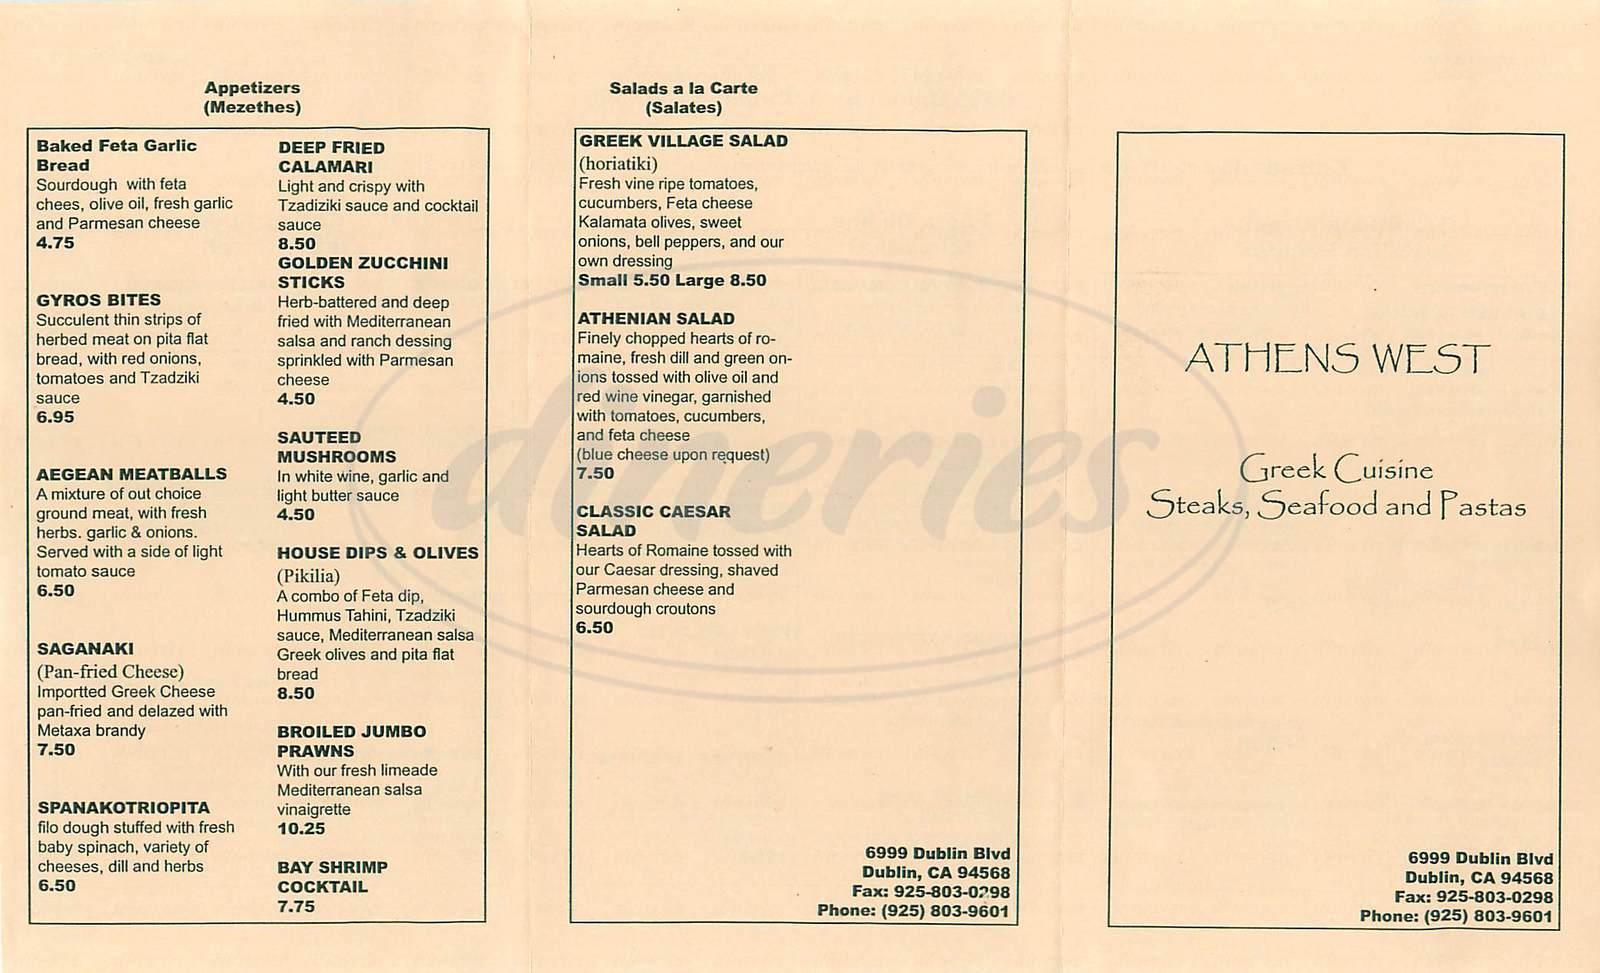 menu for Athens West